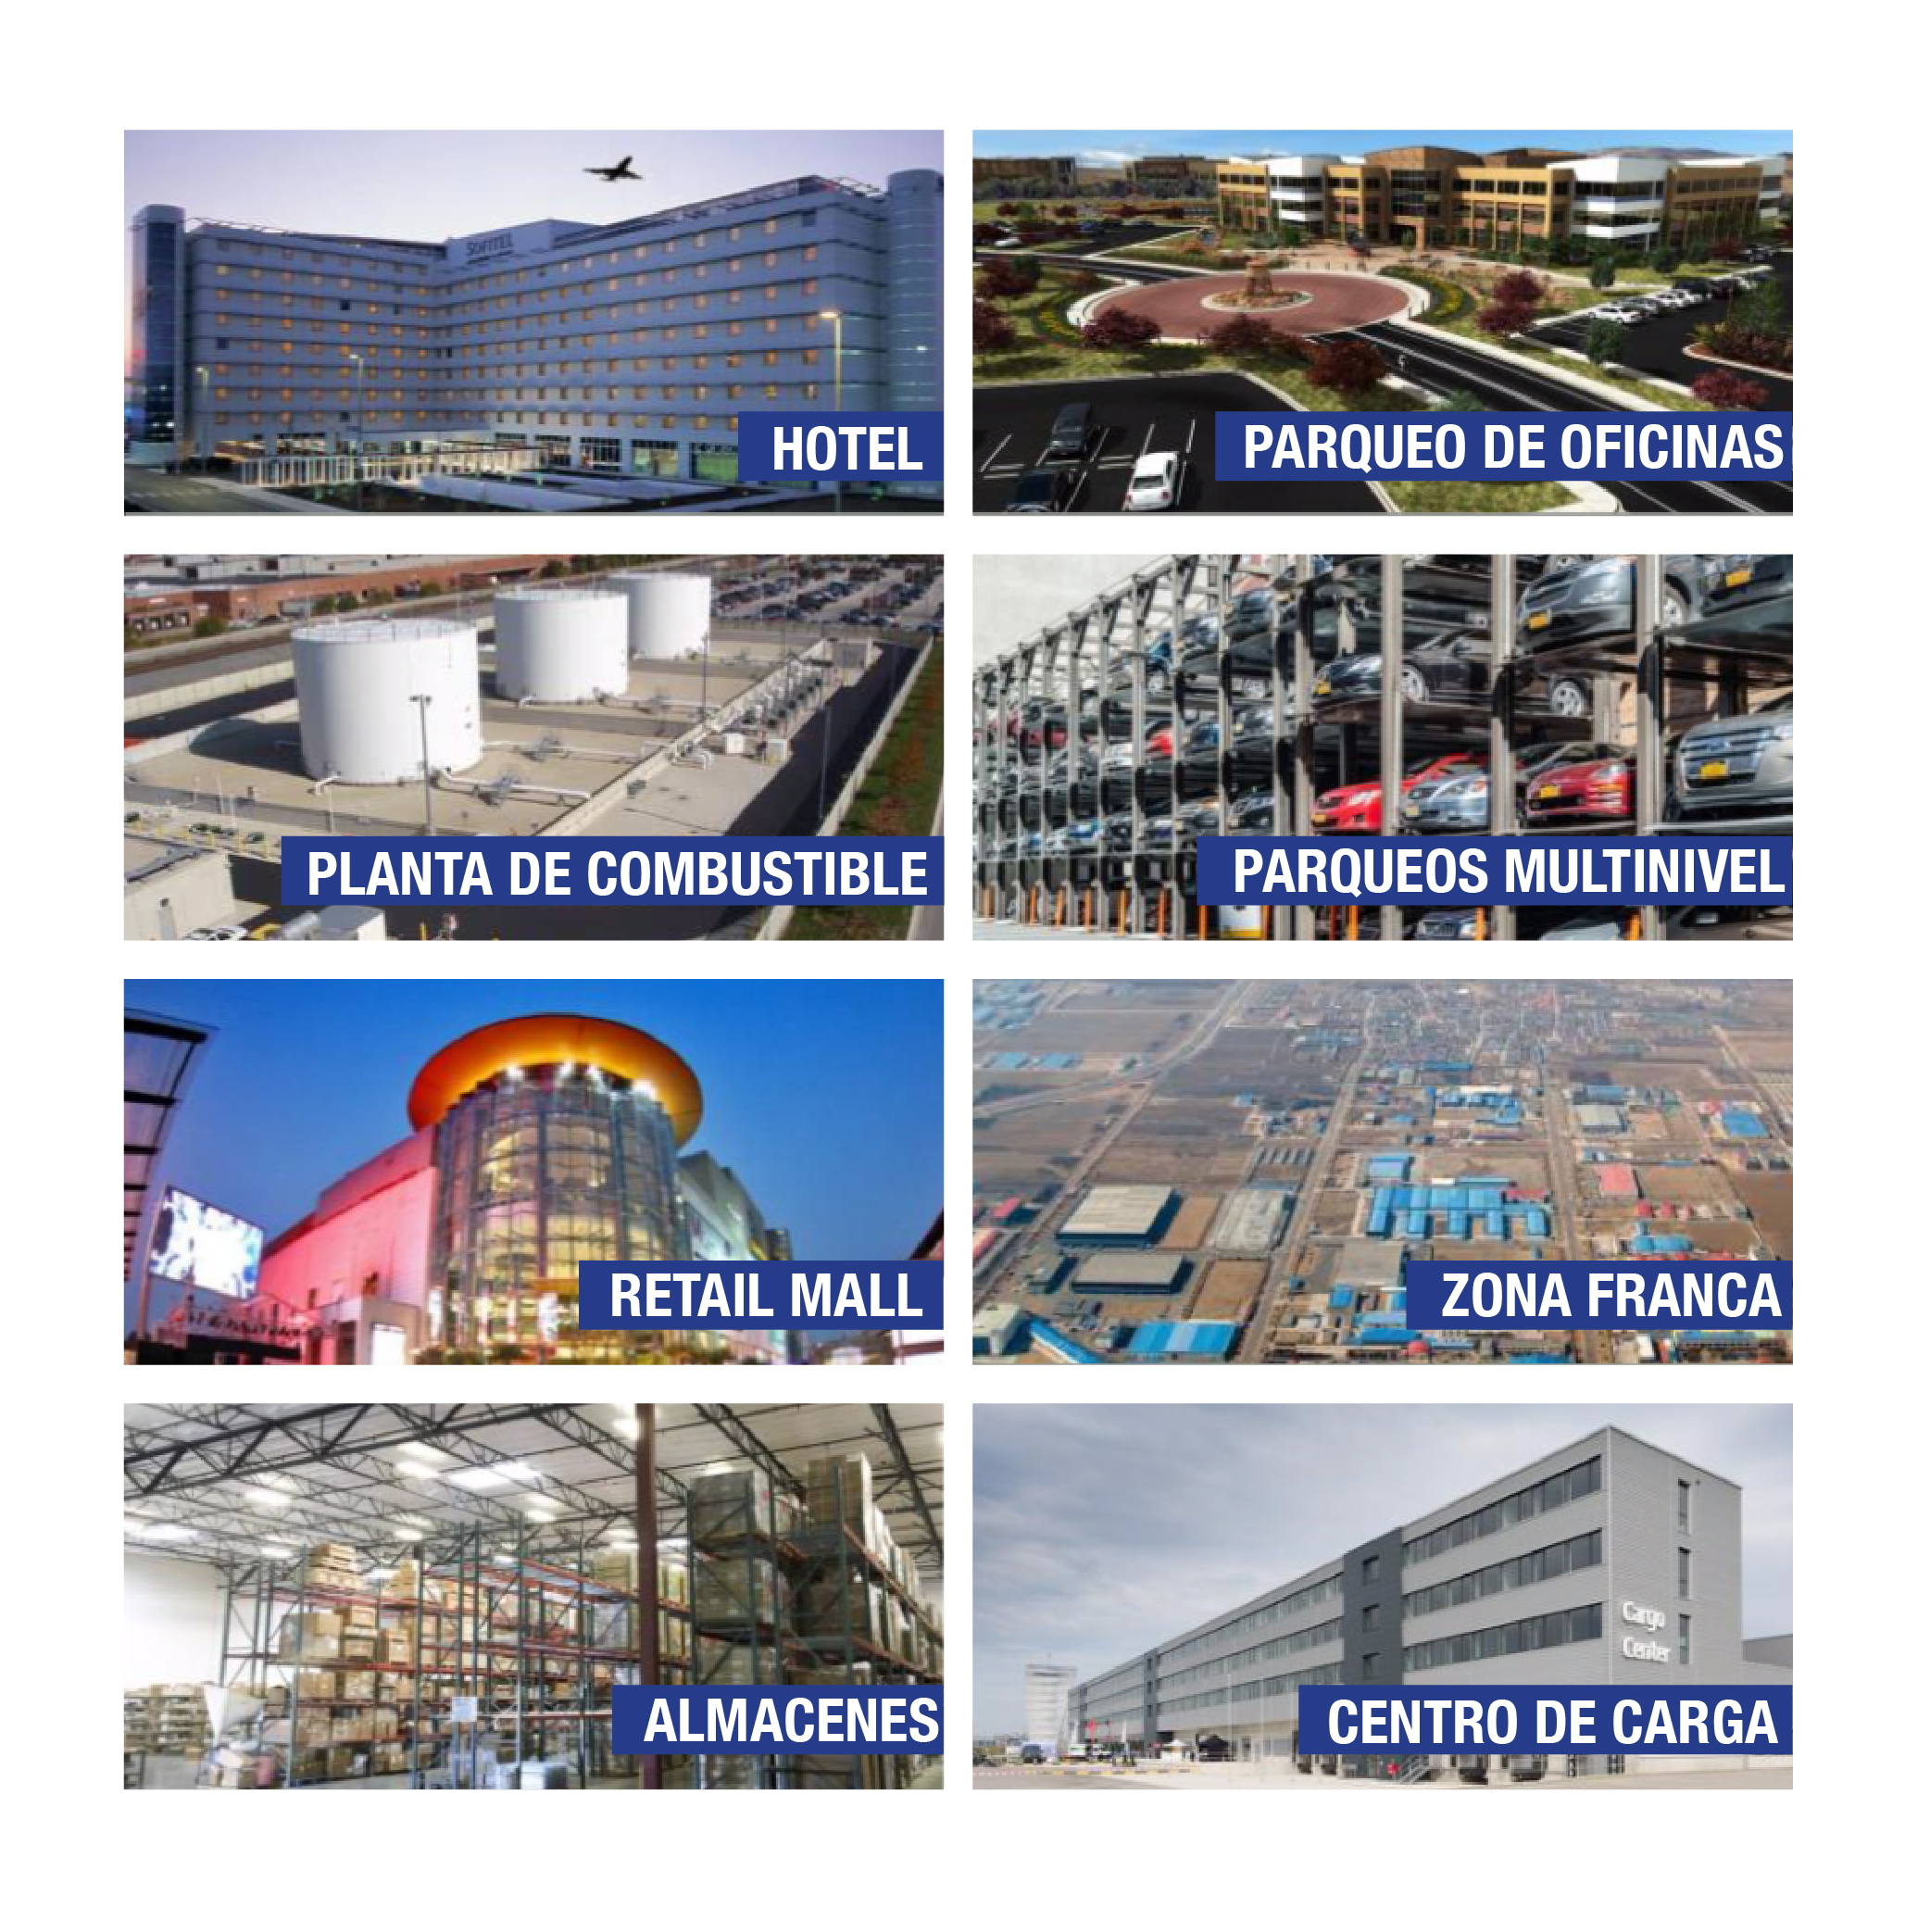 PERMITIRÁ UN IMPORTANTE DESARROLLO - Una auténtica ciudad de servicios para los pasajeros, la carga aérea y todas las empresas y compañías vinculadas a la actividad aeroportuaria, el transporte aéreo, la logística, la distribución y los negocios.